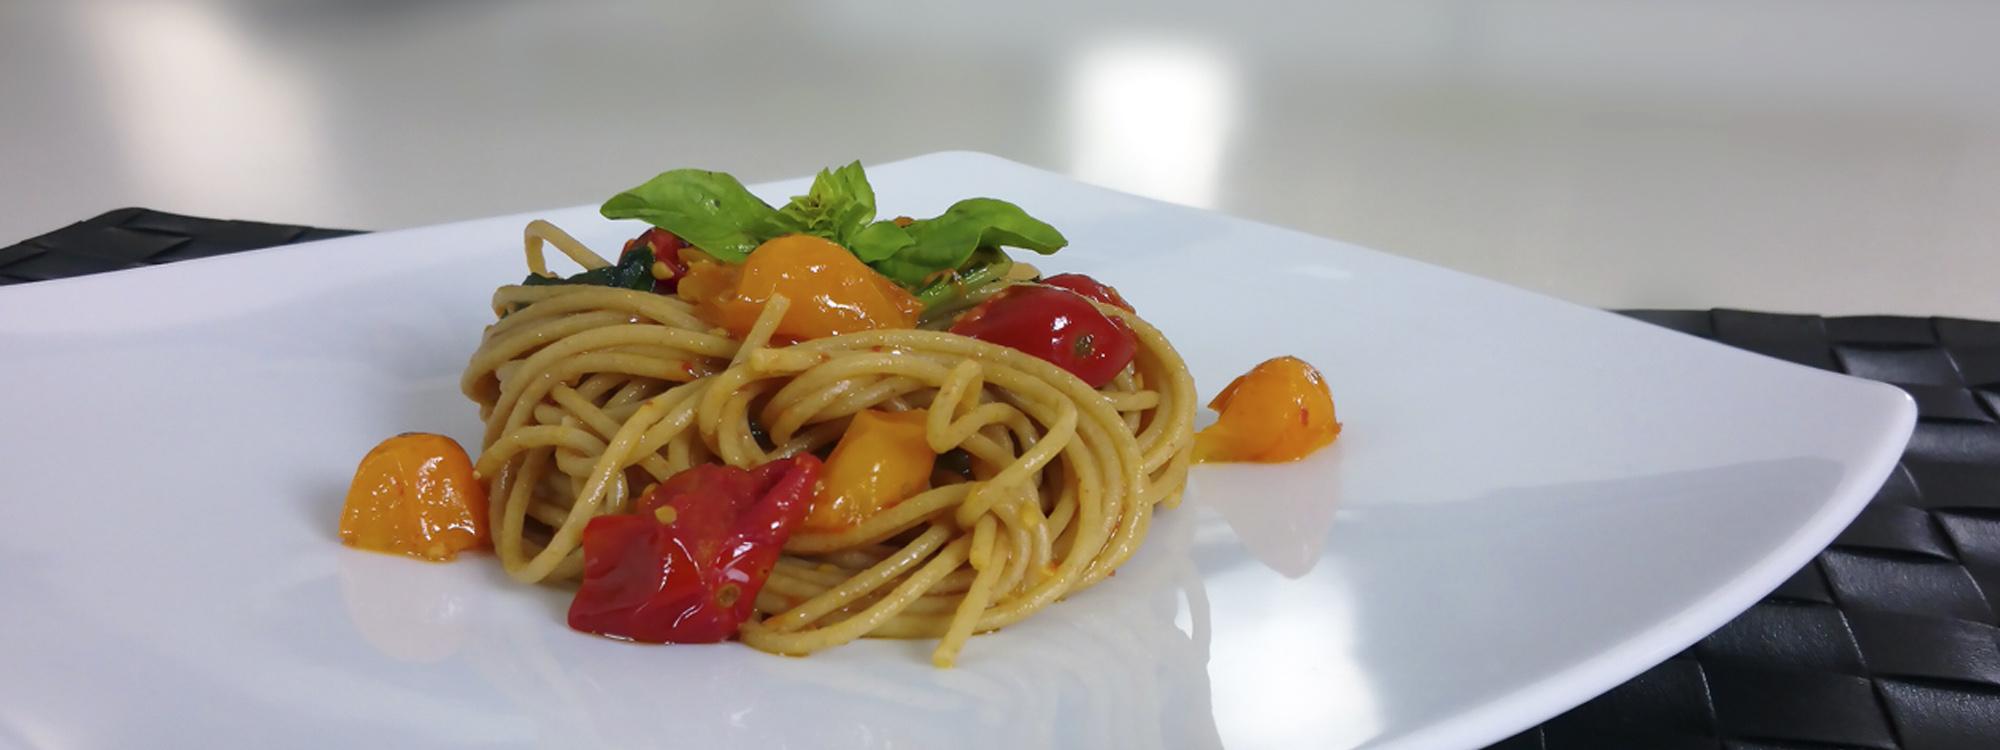 Spaghetti di Kamut con Pomodorini e Basilico